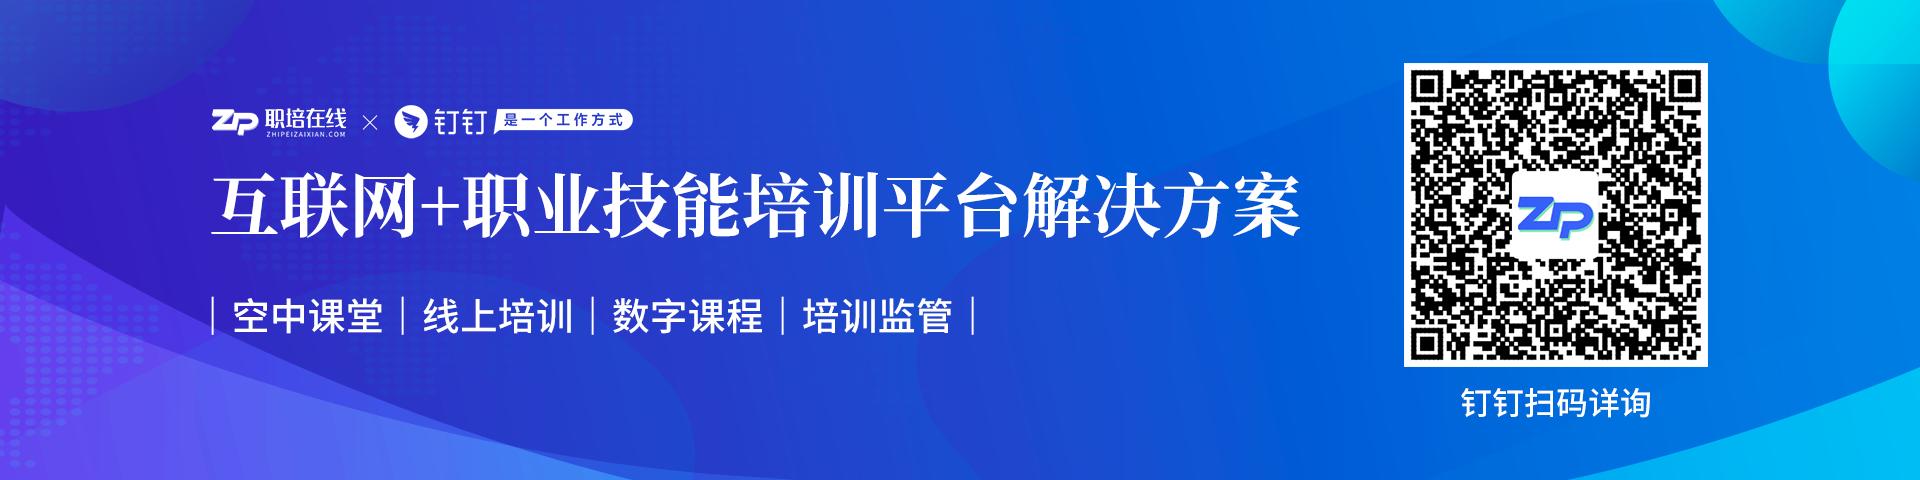 互联网+职业技能培训平台